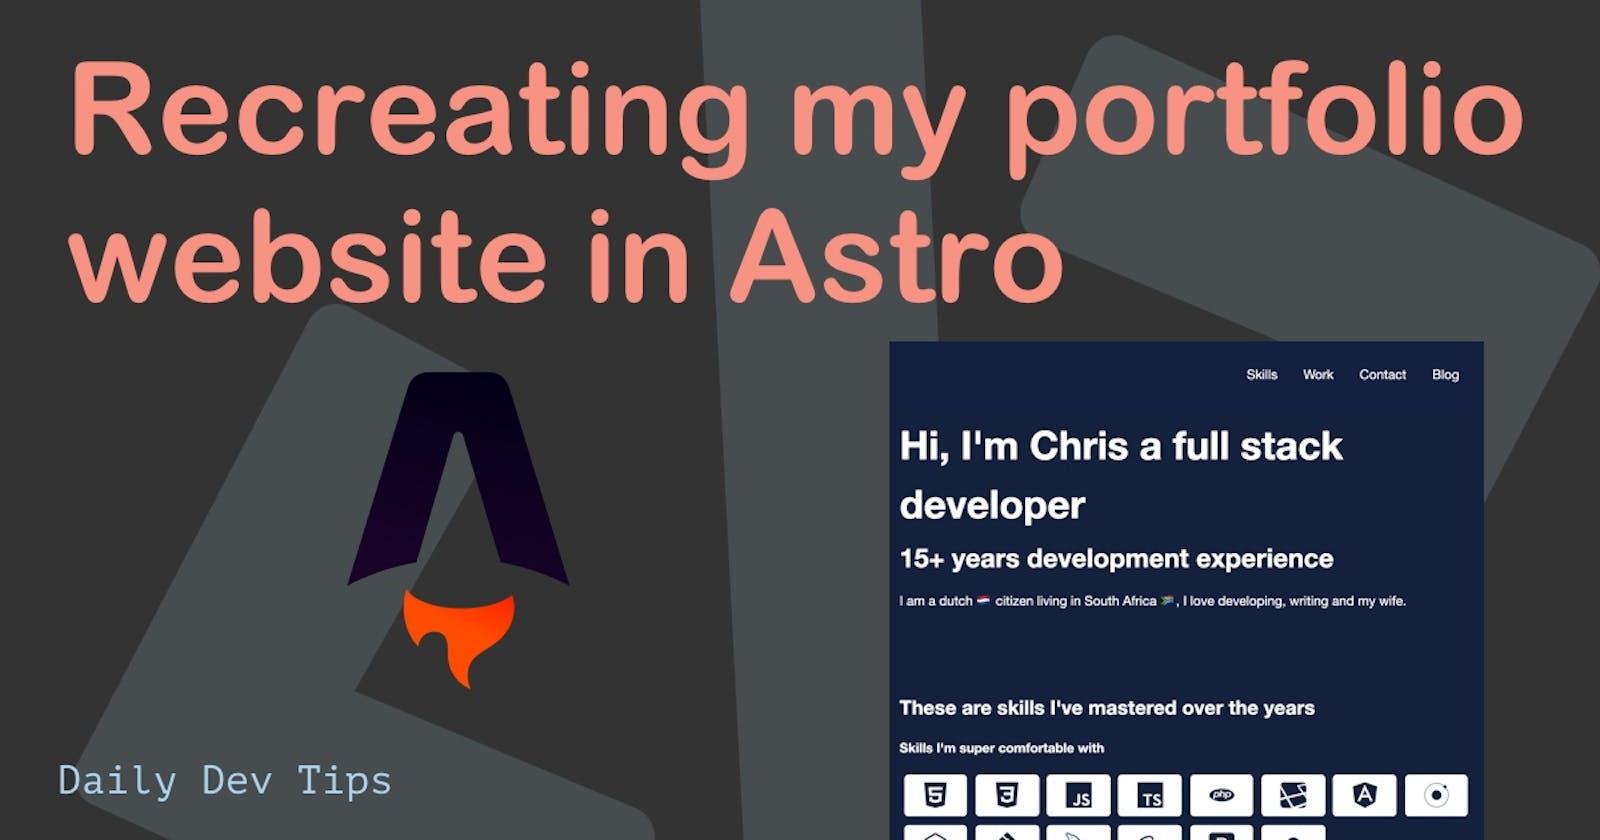 Recreating my portfolio website in Astro